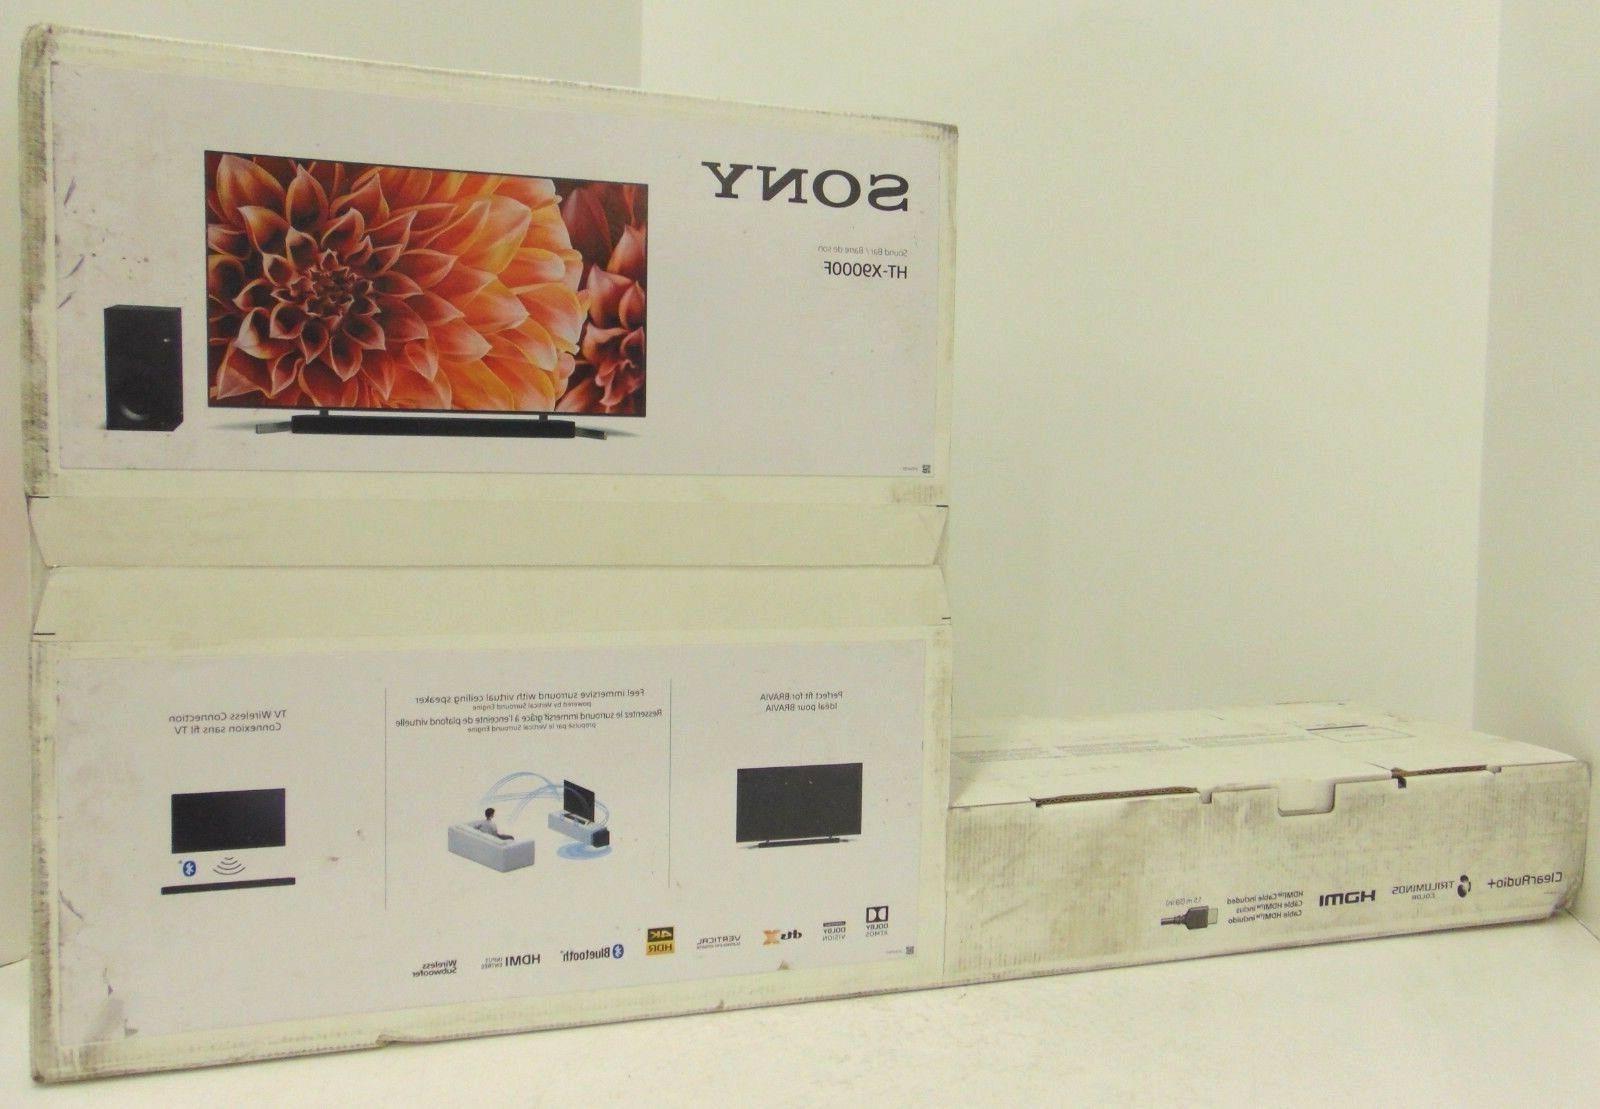 x9000f 2 1ch soundbar